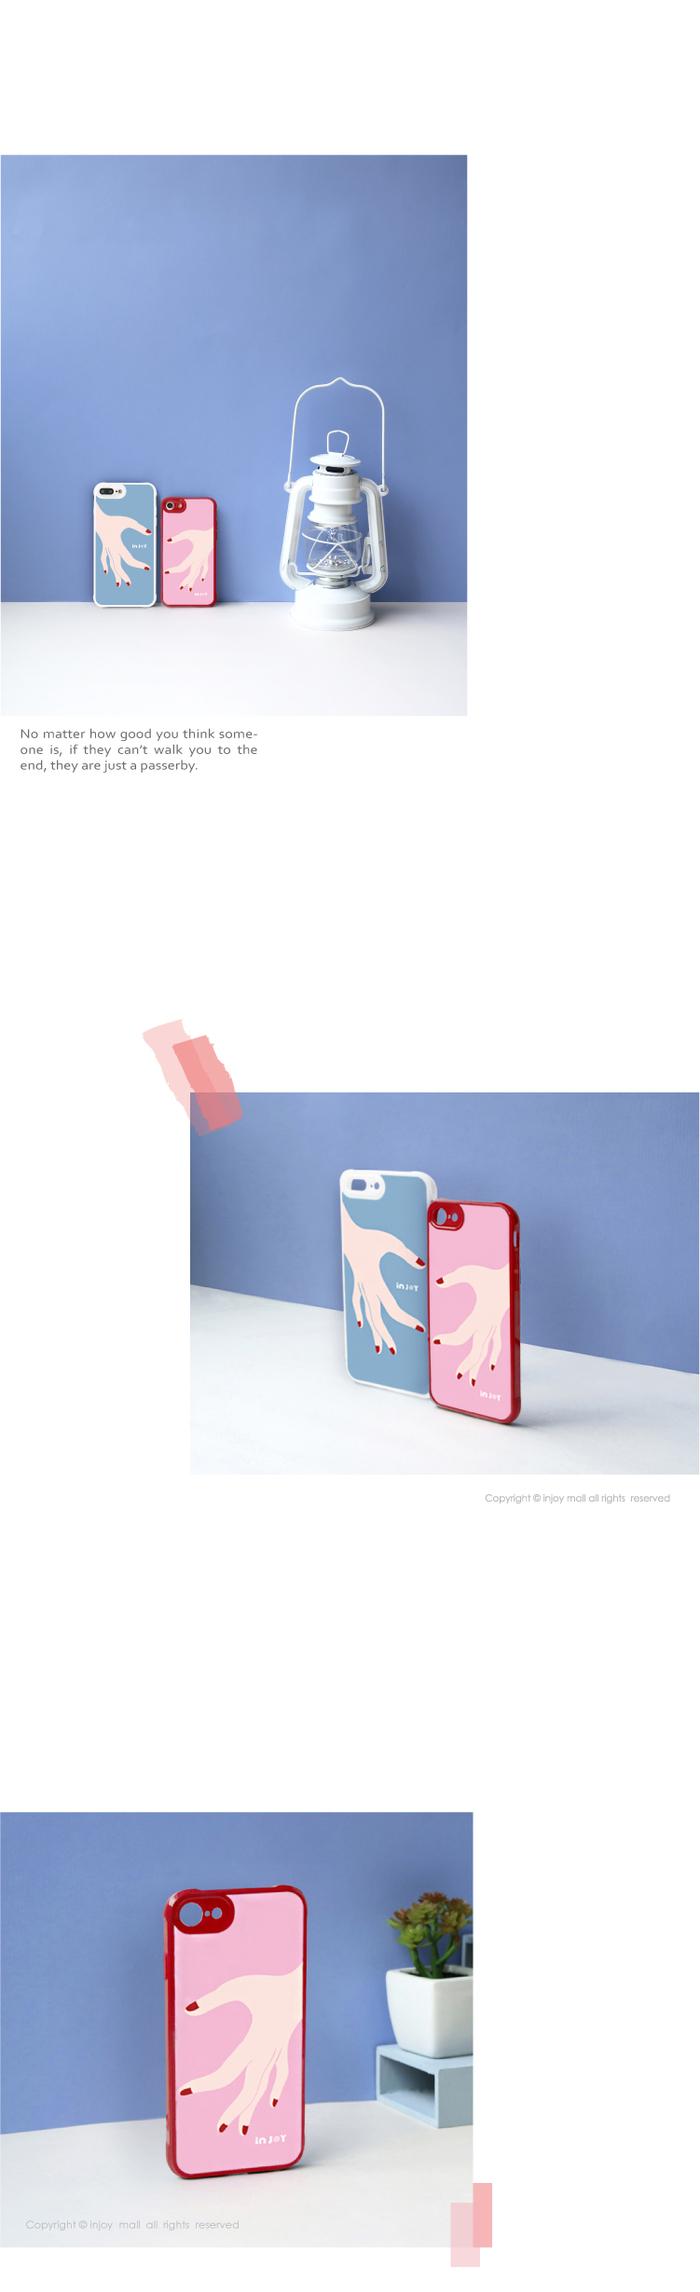 (複製)INJOY mall iPhone 7 / 8 / Plus / X 浪漫仲夏之葉 耐撞擊邊框手機殼